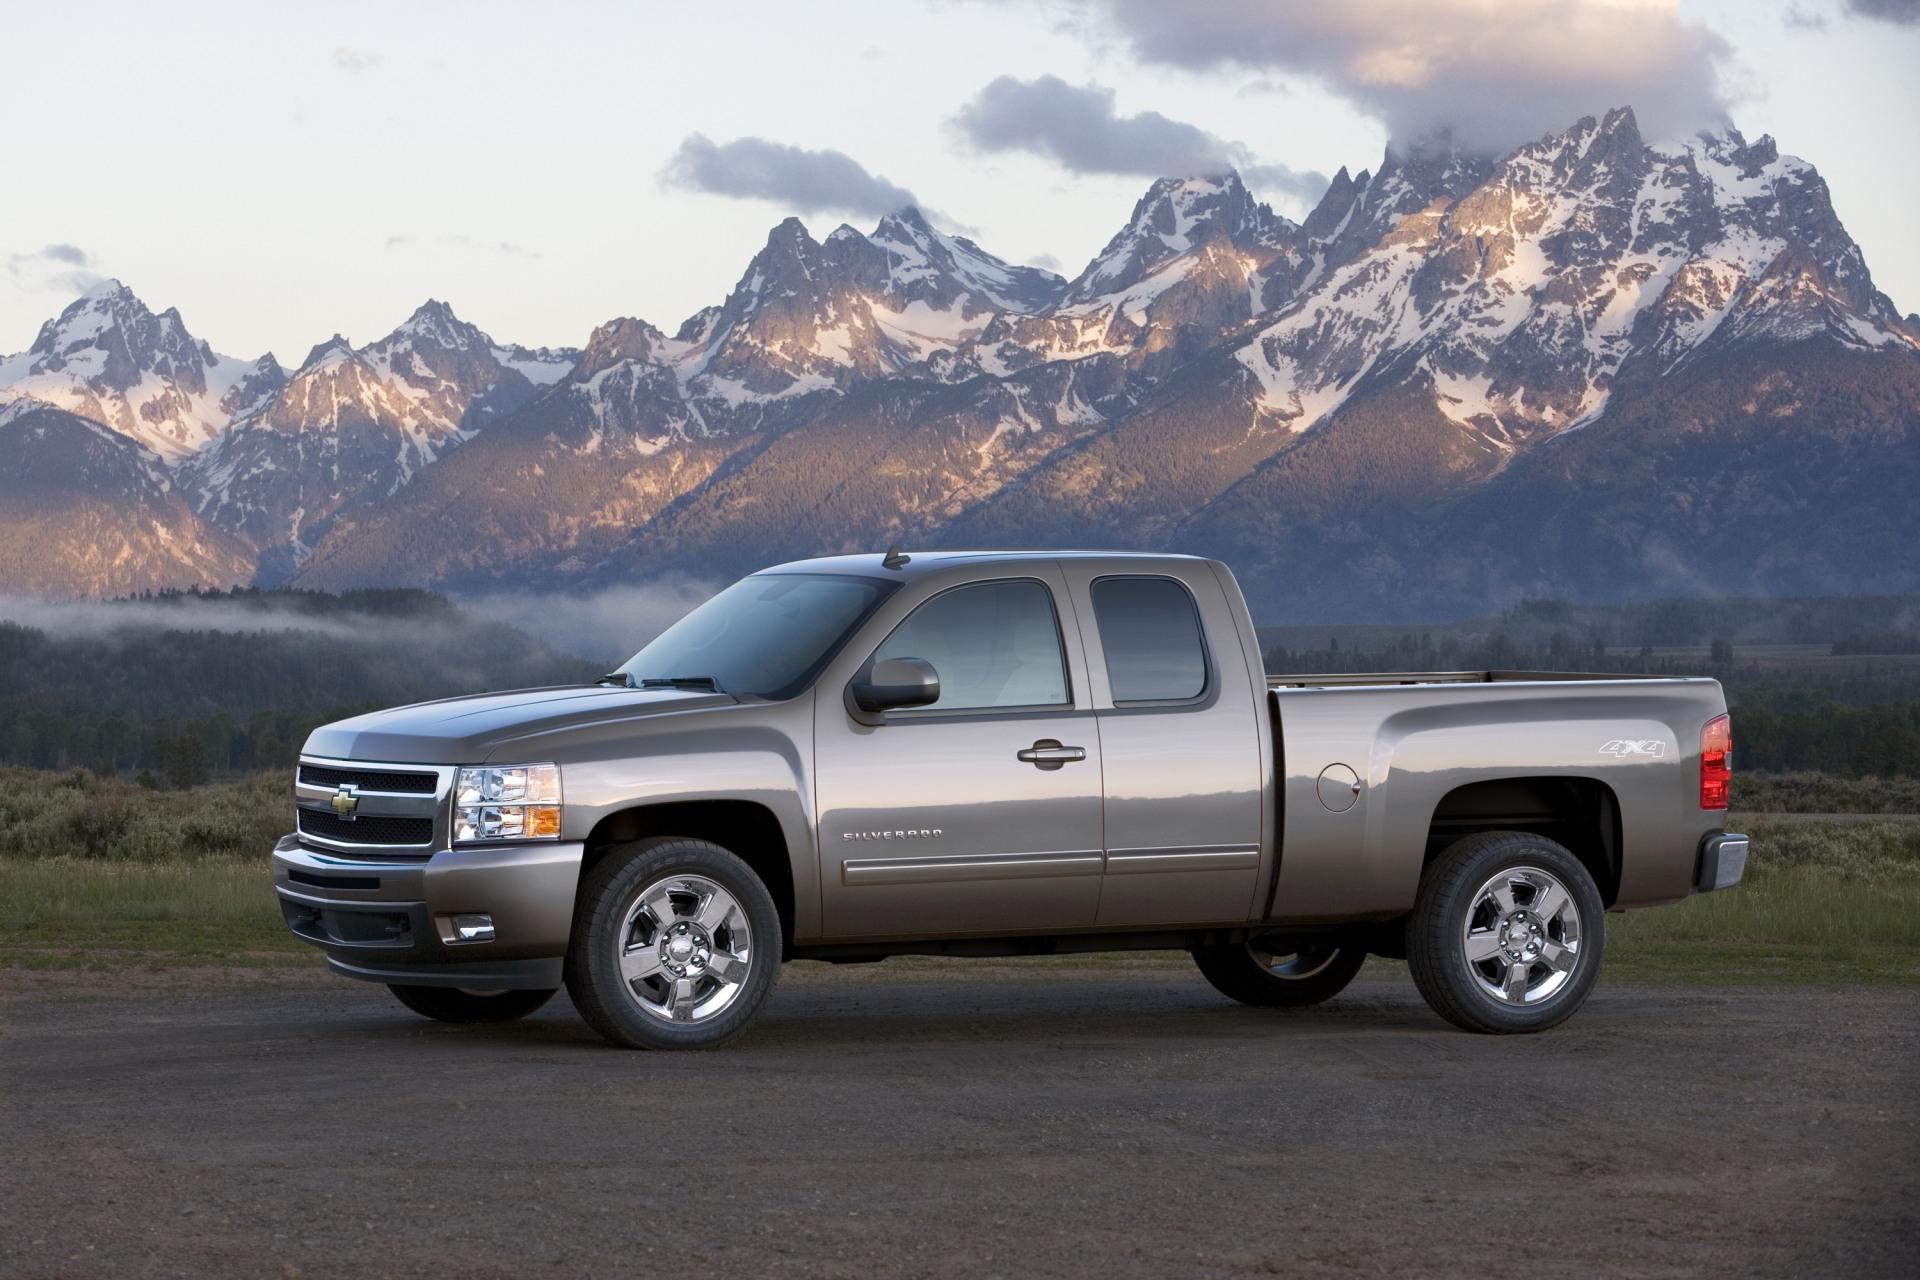 2011 Chevrolet Silverado Image